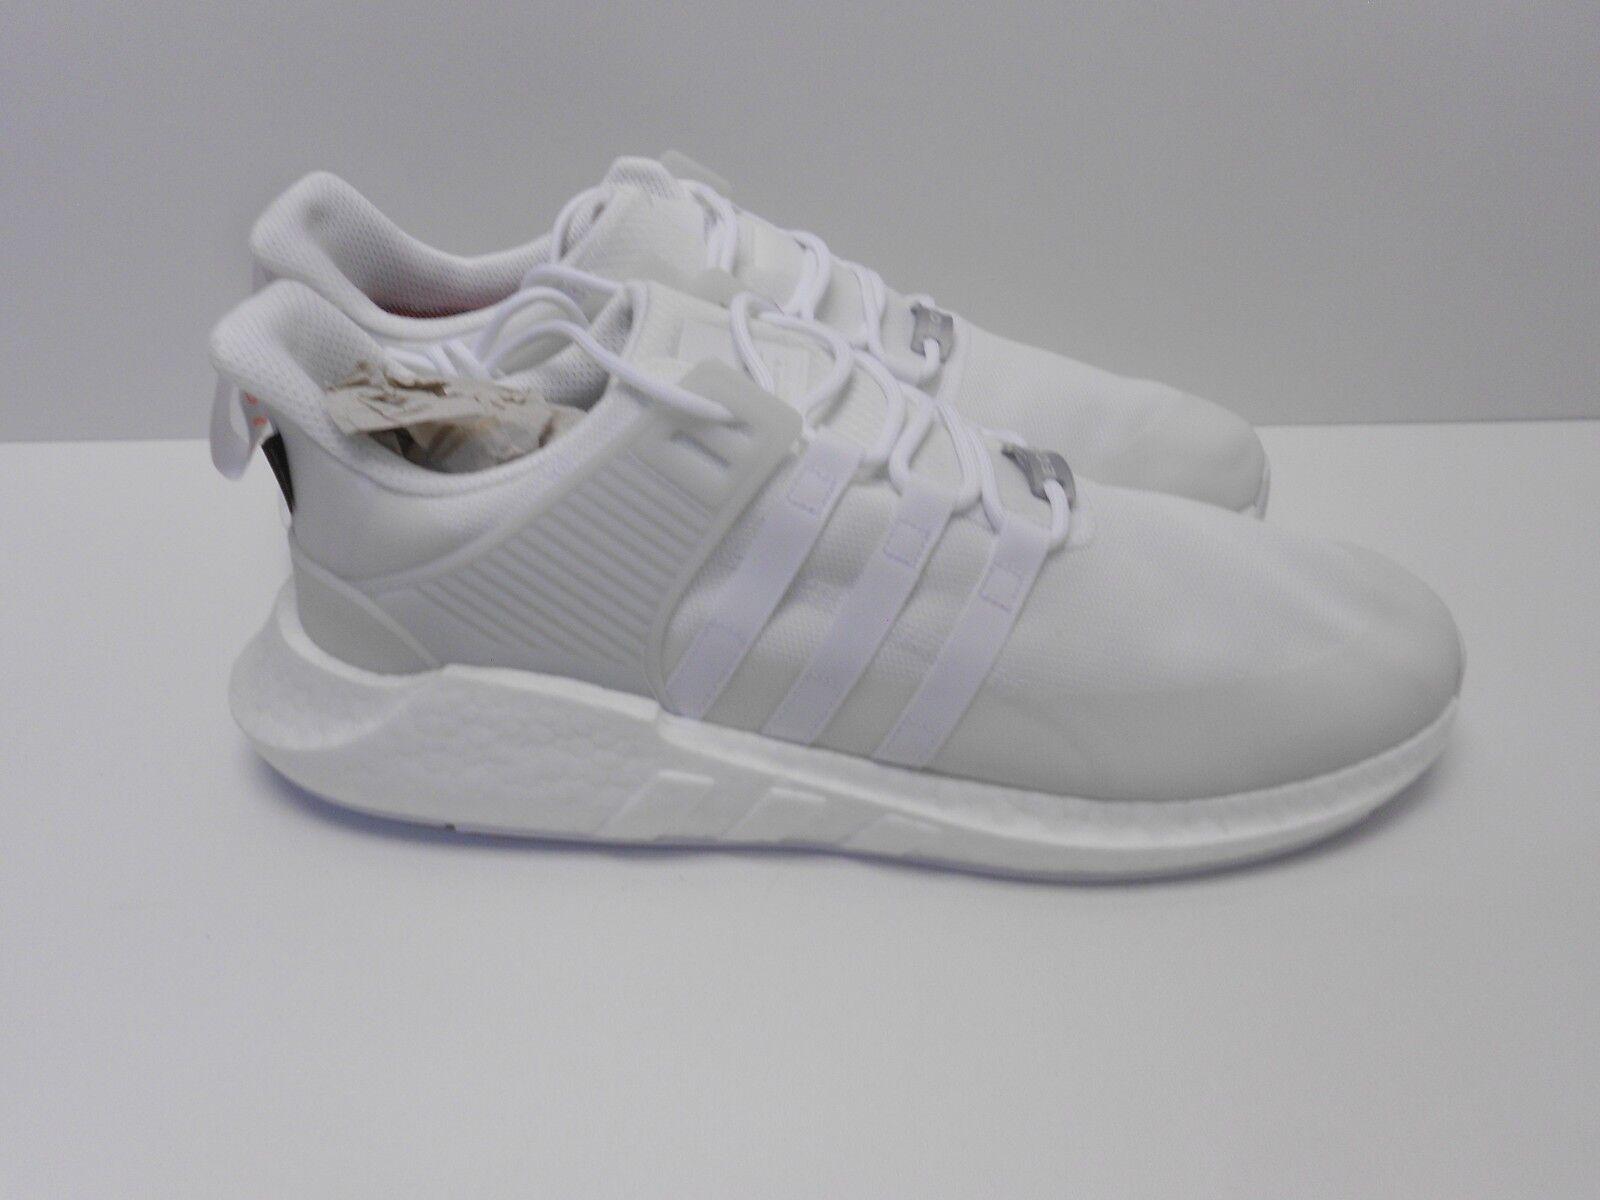 b3a0fd80fa43e9 Adidas Originals EQT 93 17 G (2913) Support 13,5 nqypbq3033-Men's ...